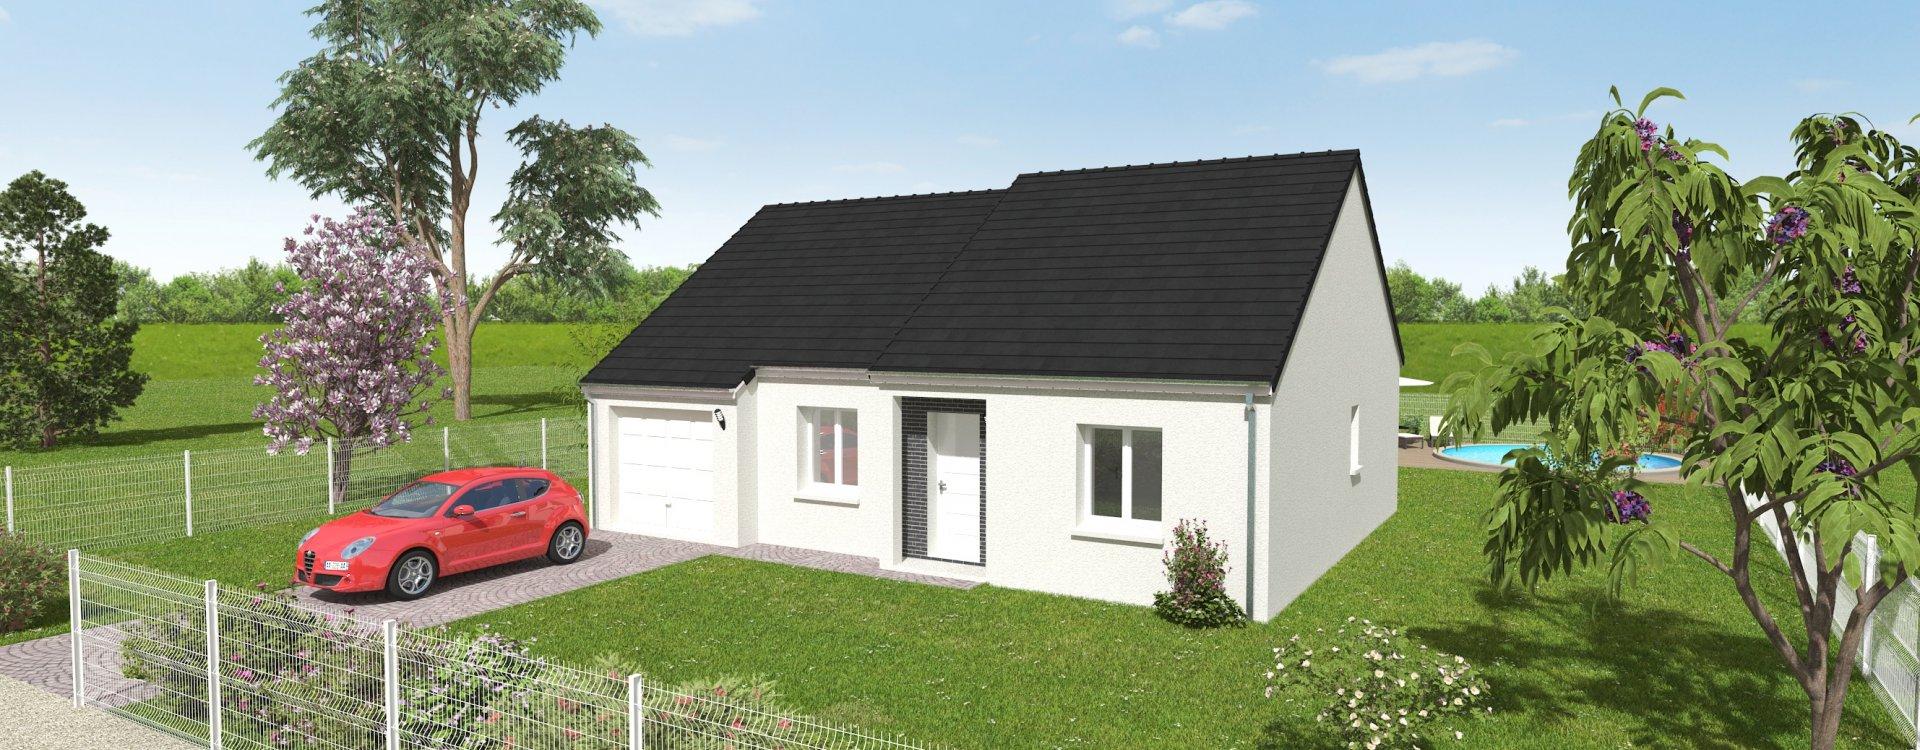 Maisons + Terrains du constructeur EASY HOUSE • 76 m² • CHECY